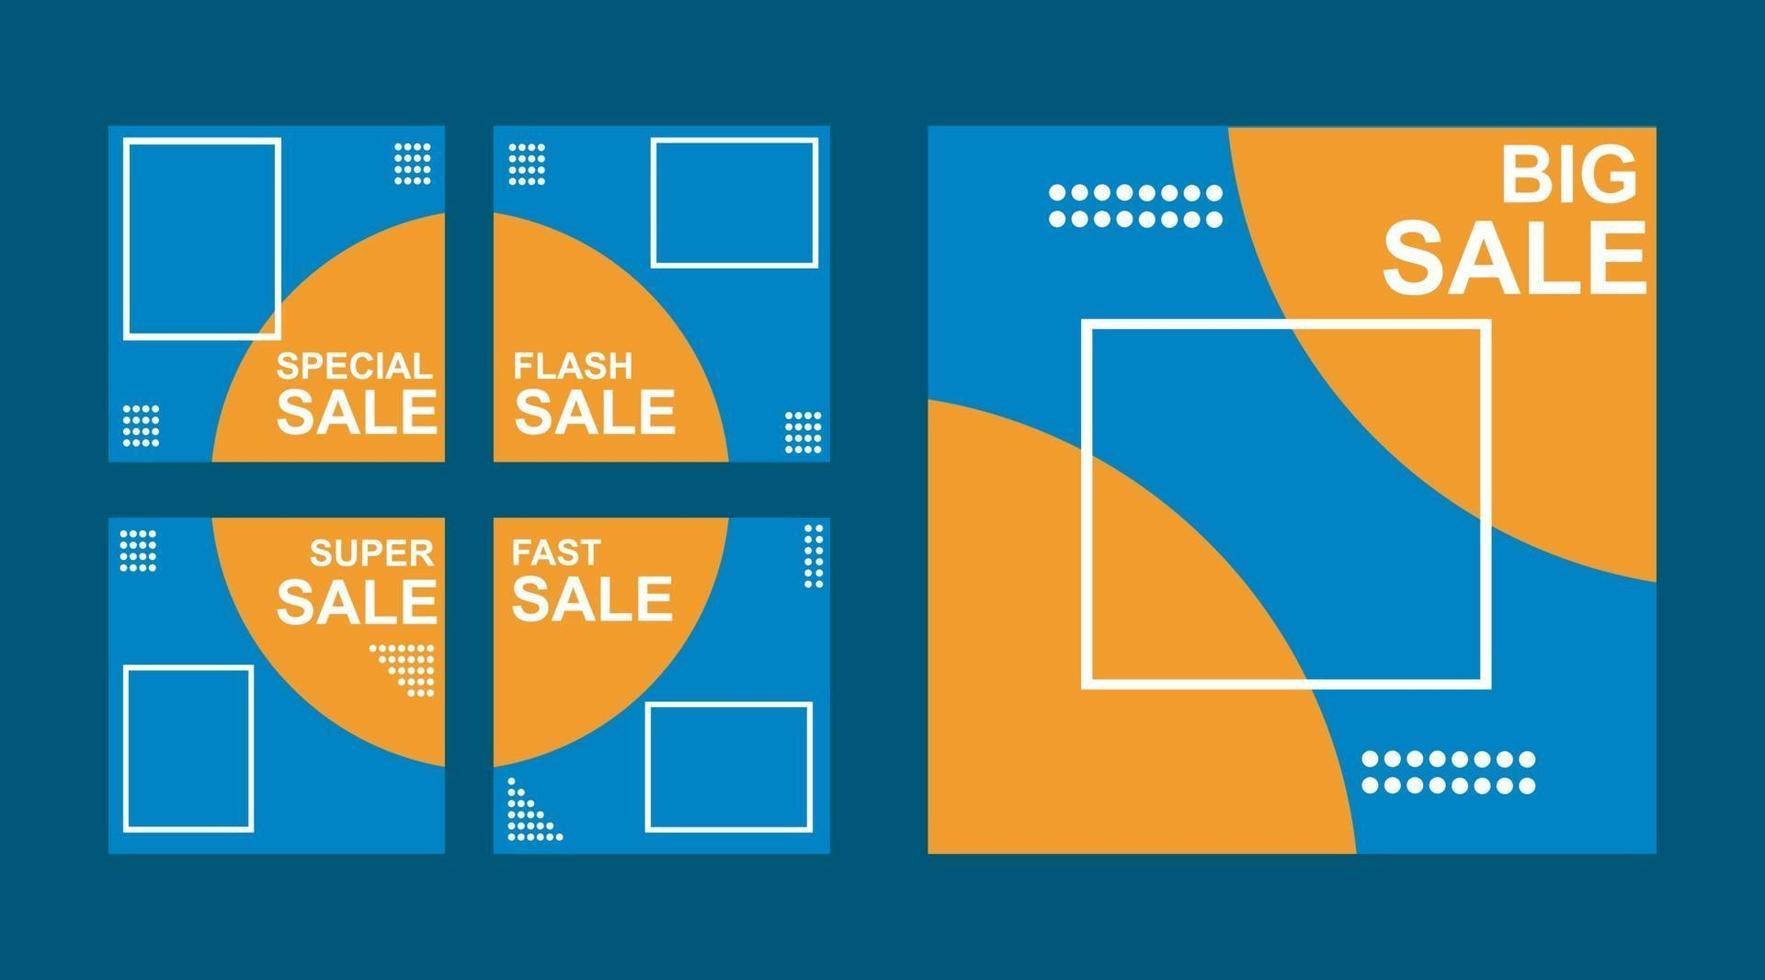 uppsättning redigerbara minimala fyrkantiga bannermallar för innehåll i sociala medier. blå och orange bakgrundsfärg. lämplig för inlägg på sociala medier och webbplatsannonsering på internet vektor